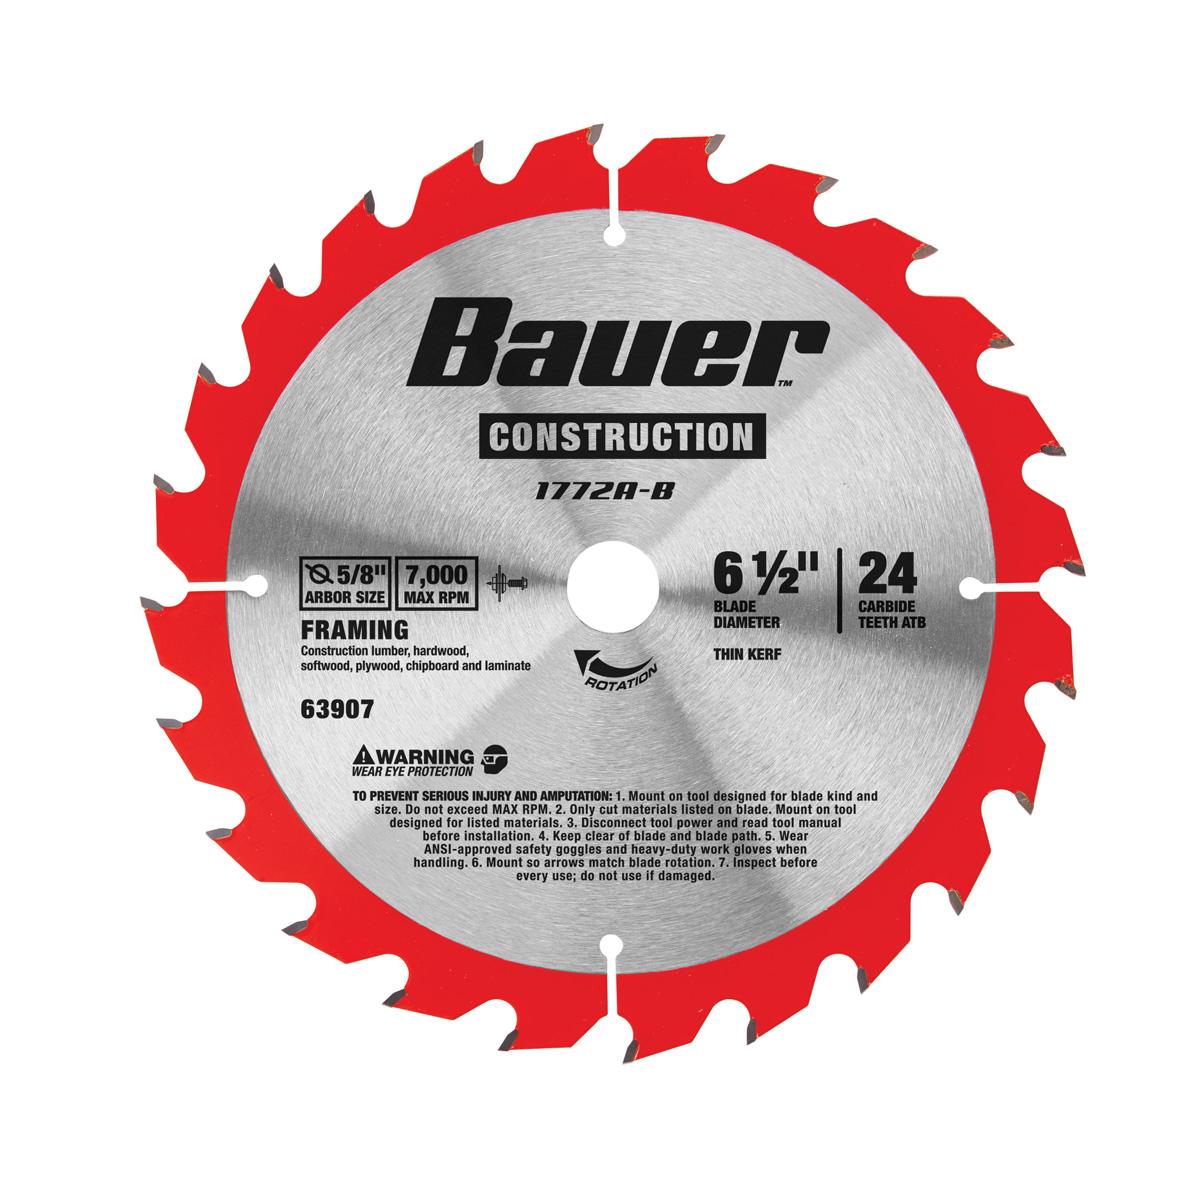 6 12 in 24t circular saw blade framing 24t circular saw blade framing greentooth Images